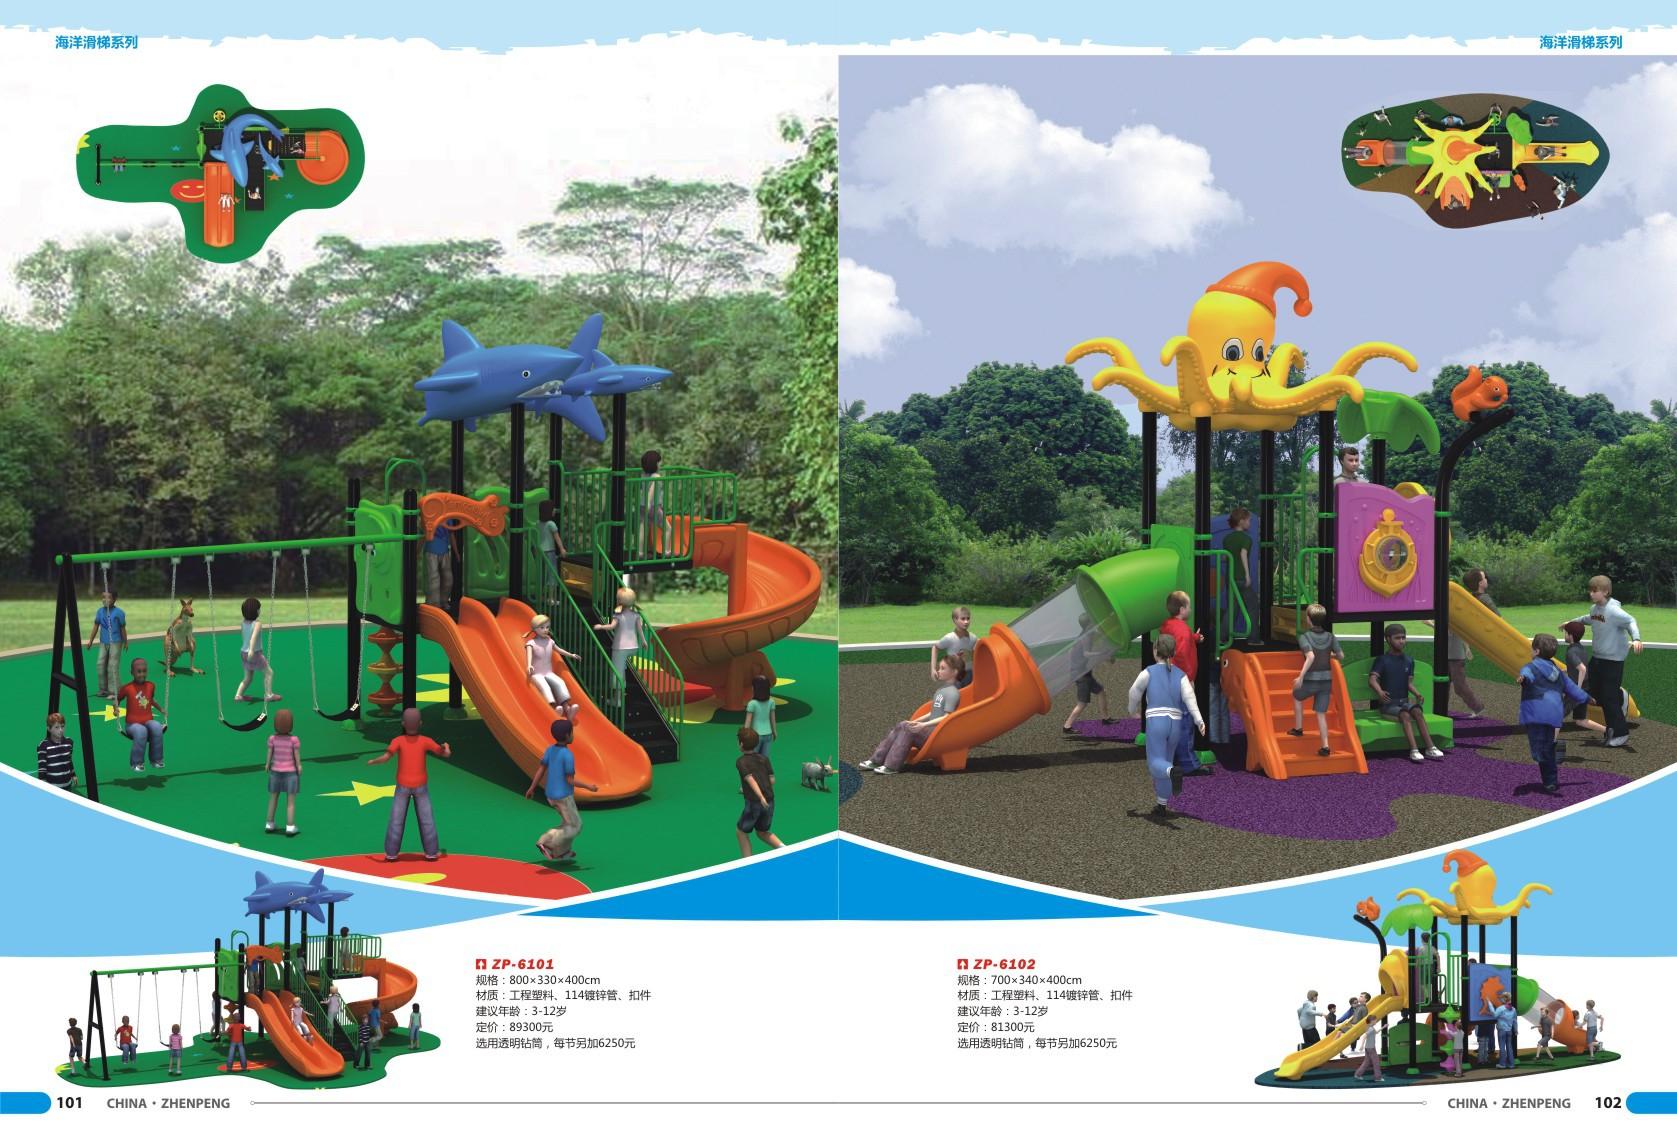 振鹏热卖幼儿园游乐场小区滑梯 厂家实地设计儿童娱乐滑梯图片